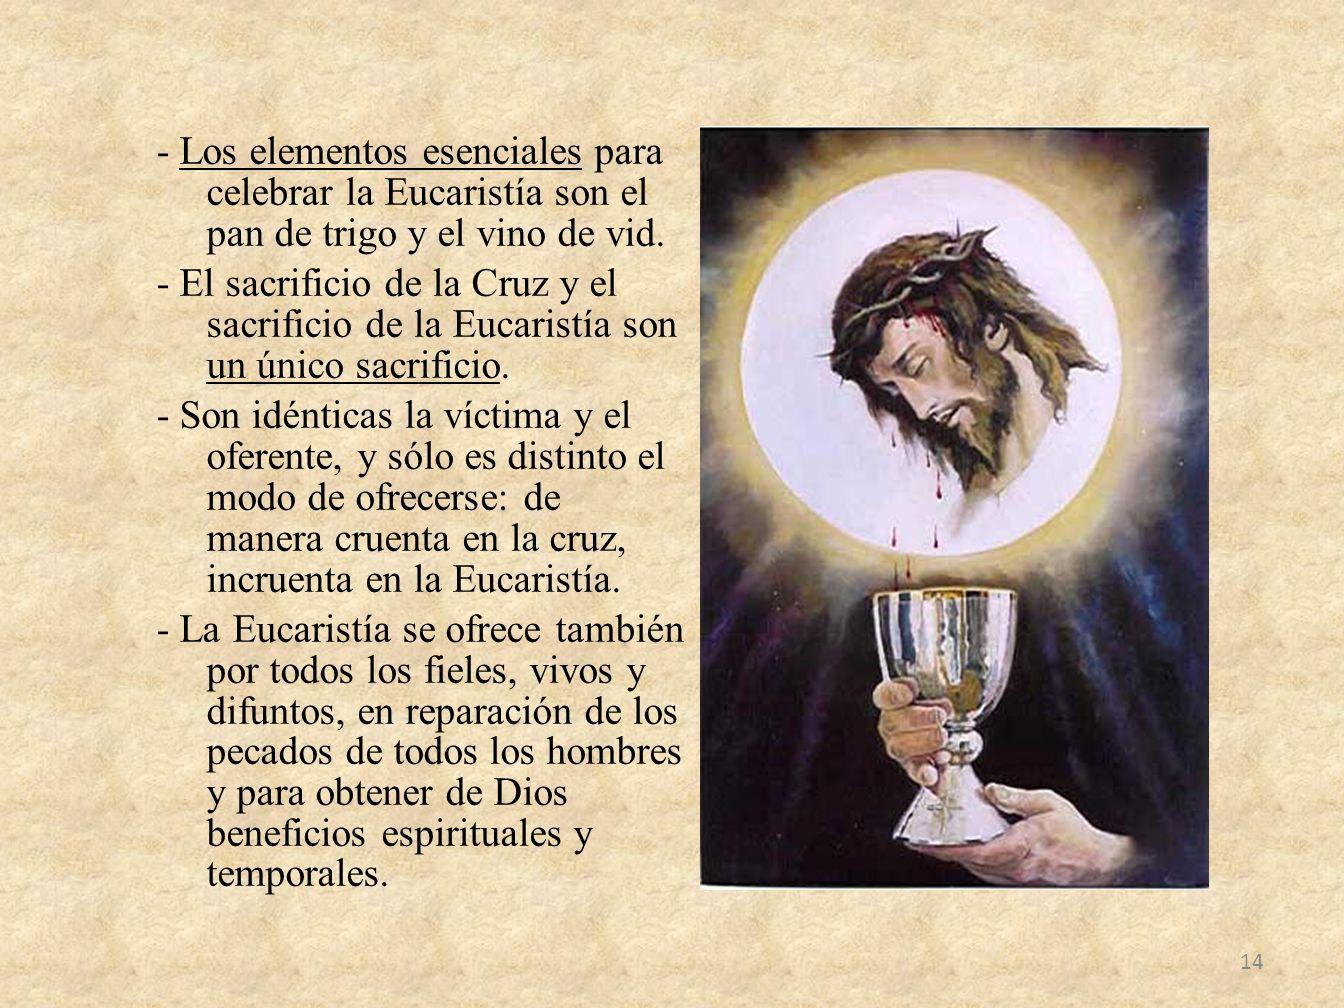 - Los elementos esenciales para celebrar la Eucaristía son el pan de trigo y el vino de vid. - El sacrificio de la Cruz y el sacrificio de la Eucarist